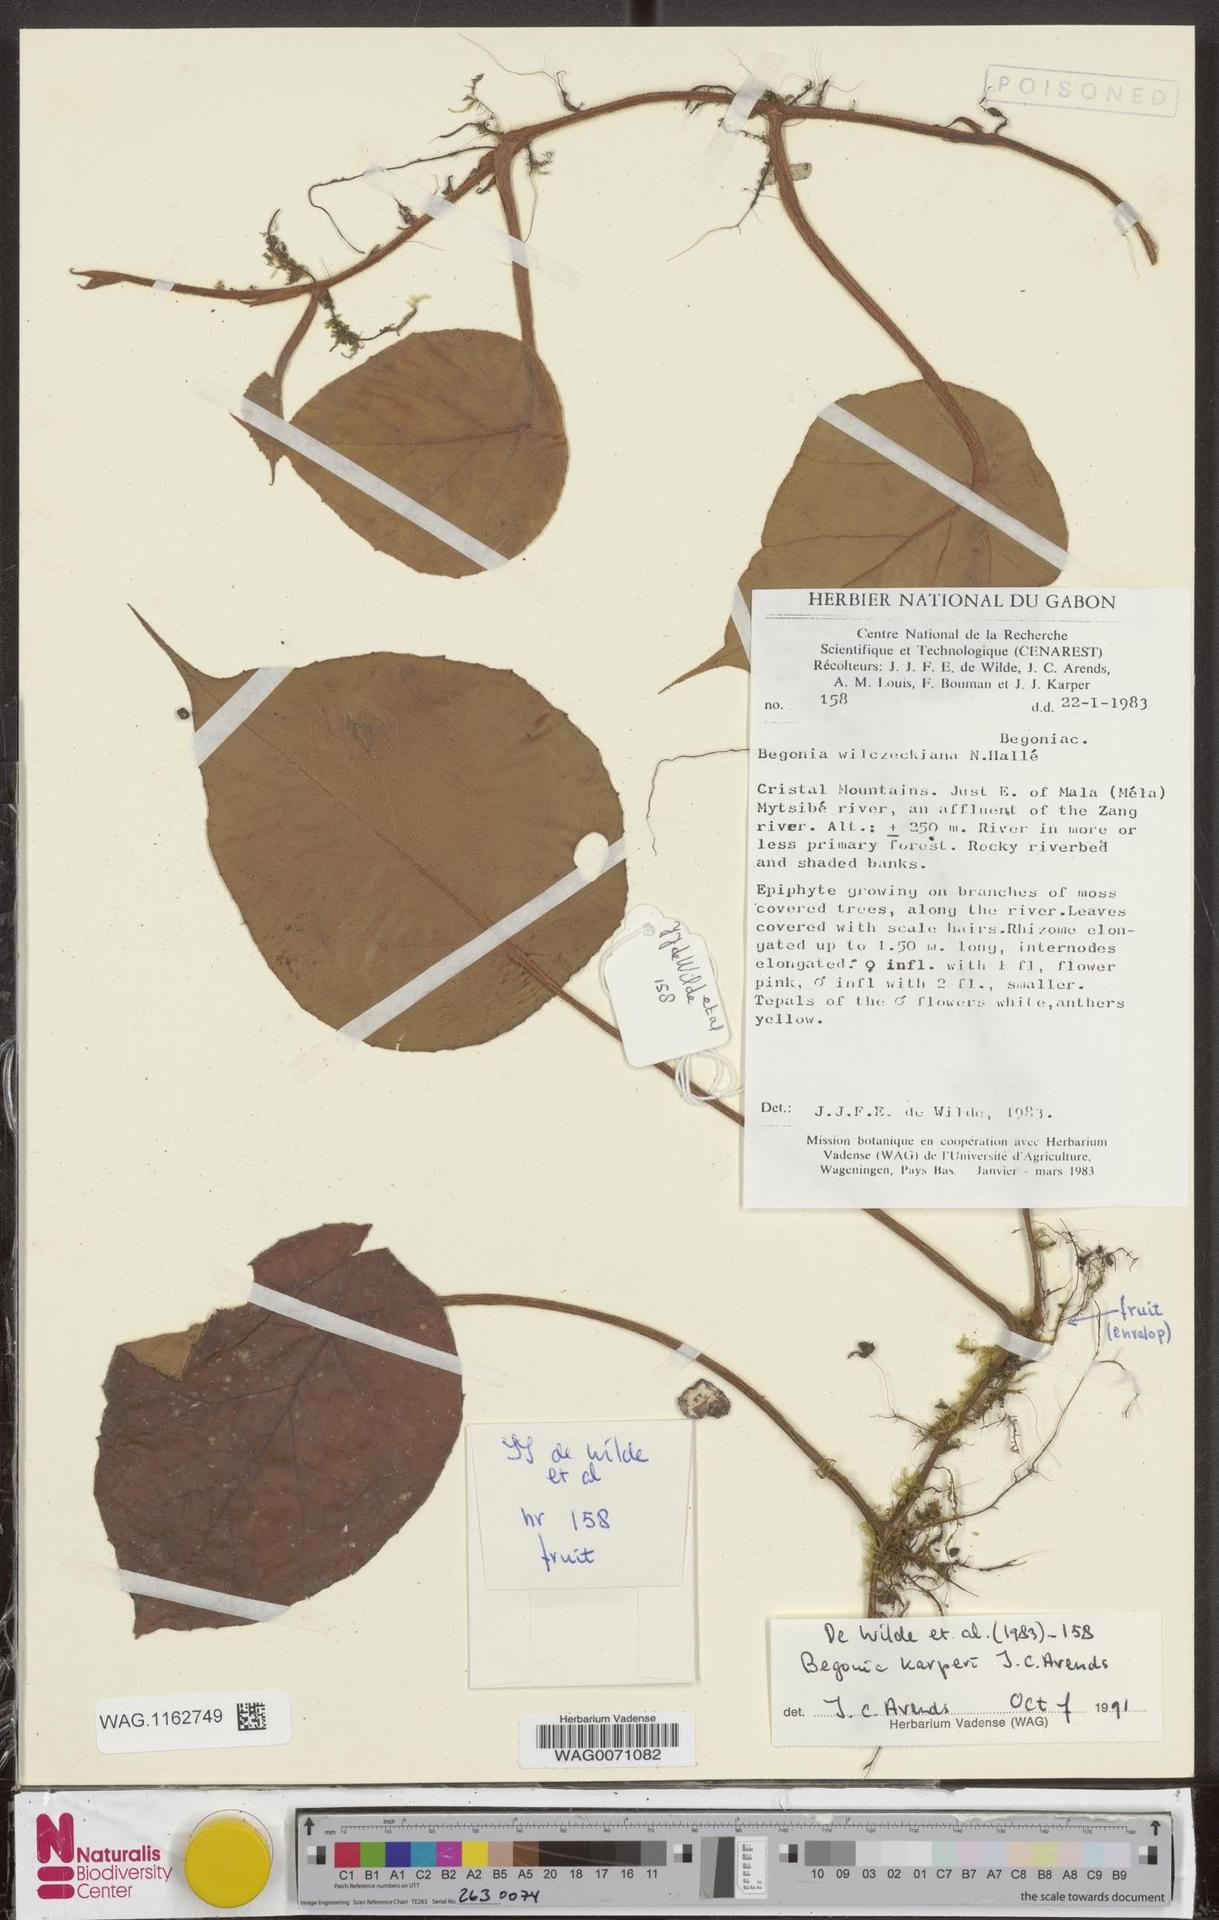 WAG.1162749 | Begonia karperi J.C.Arends